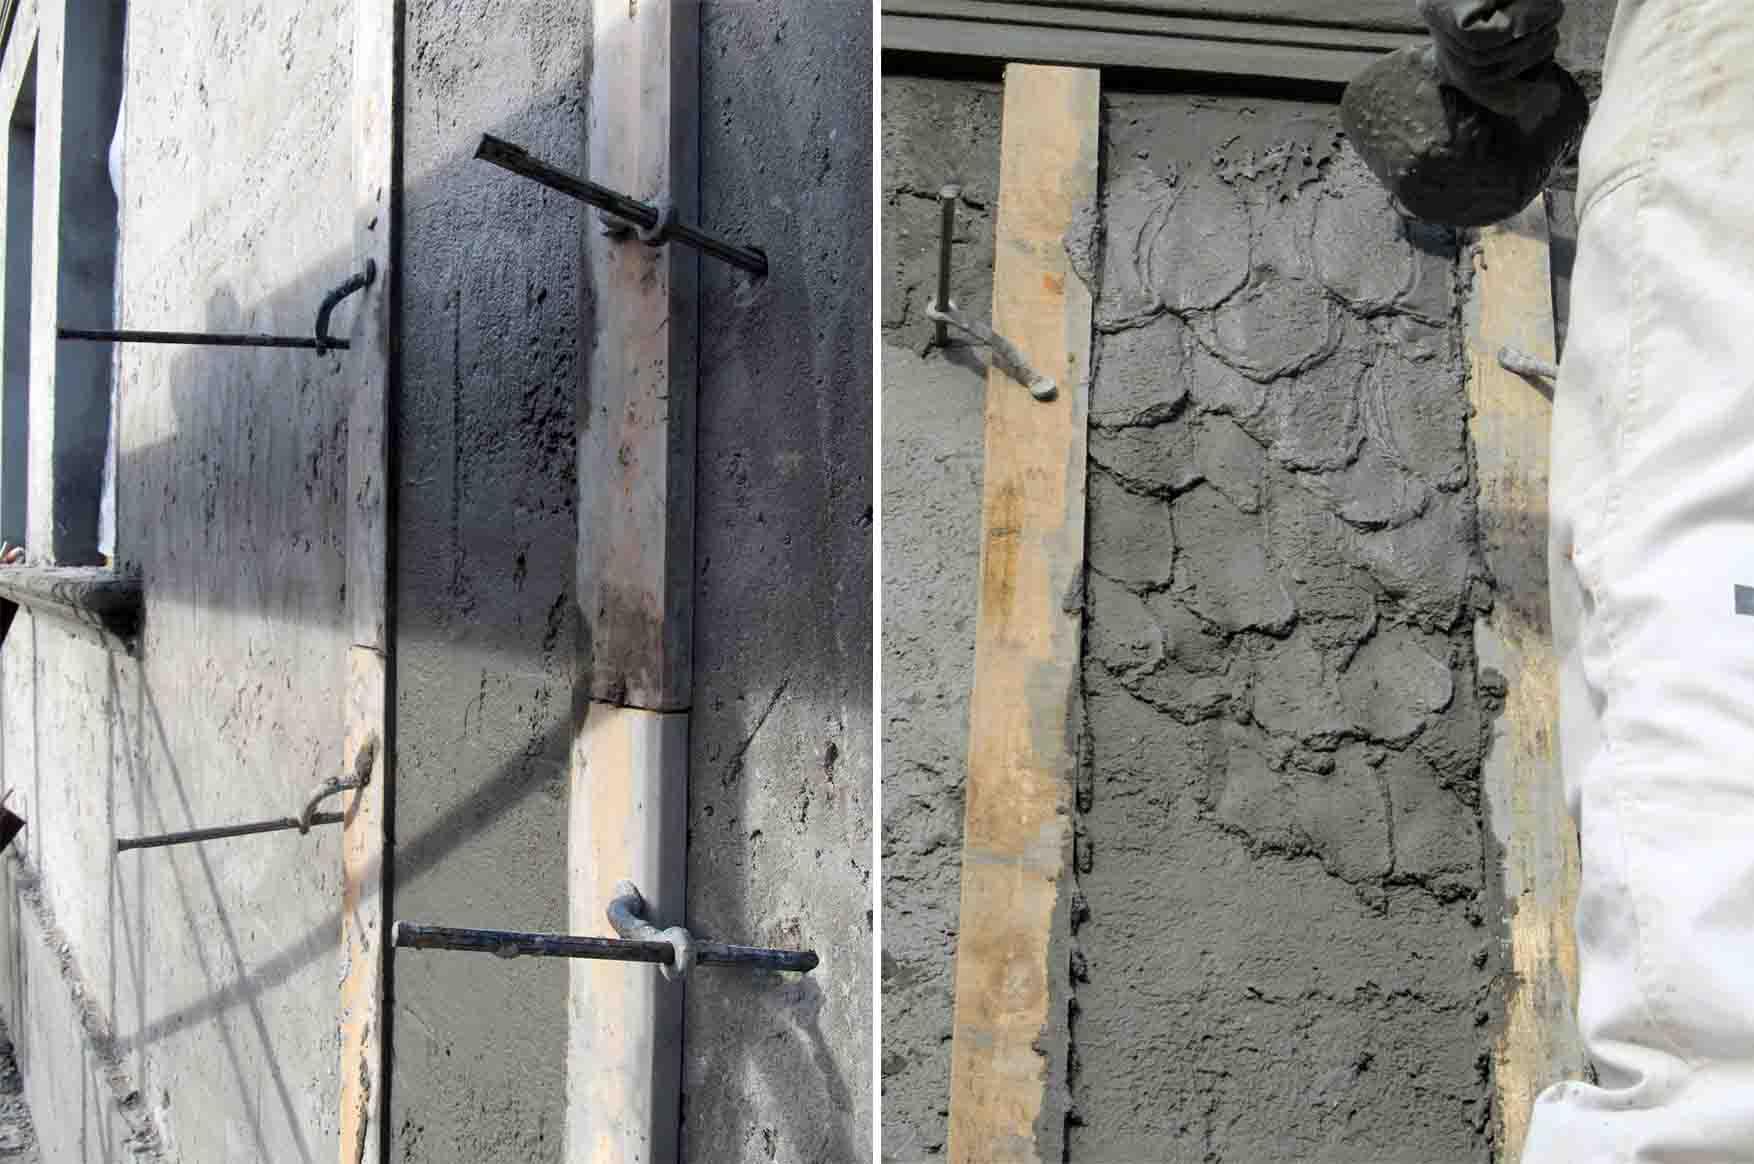 31-mo-krecna-radionica-likorezacki-radovi-sabloni-fasada